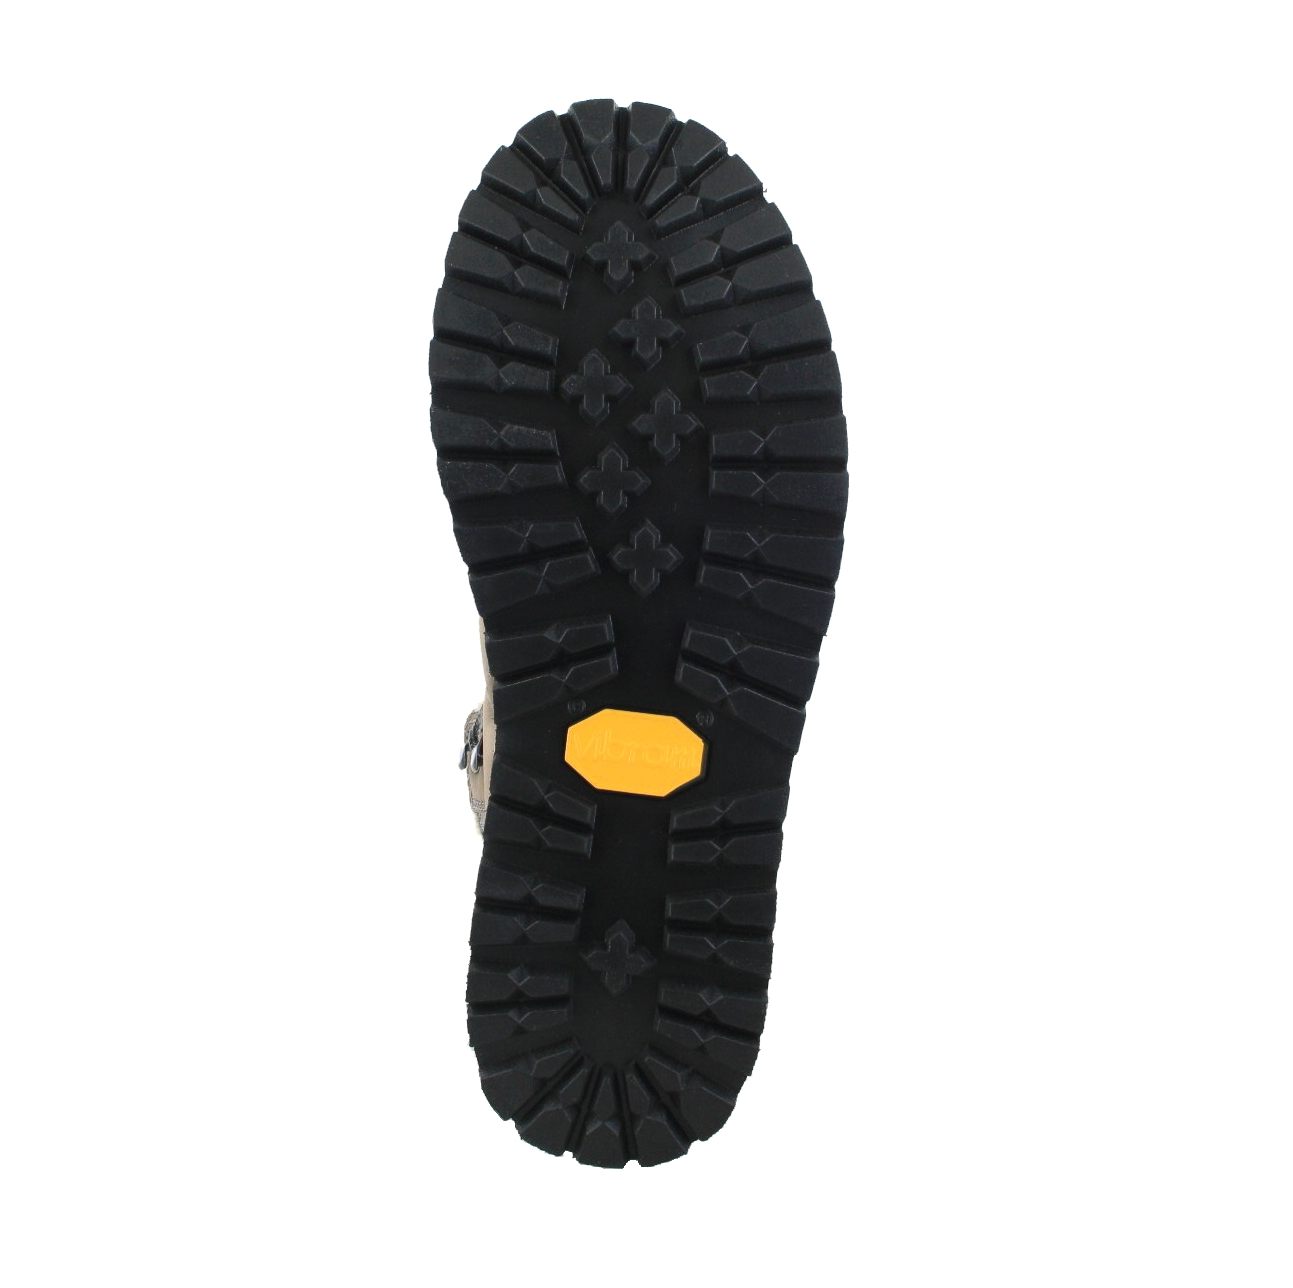 Lowa 220456 0925 WENDELSTEIN GTX WARM WS Stein Damen Hiking Schuhe Grau